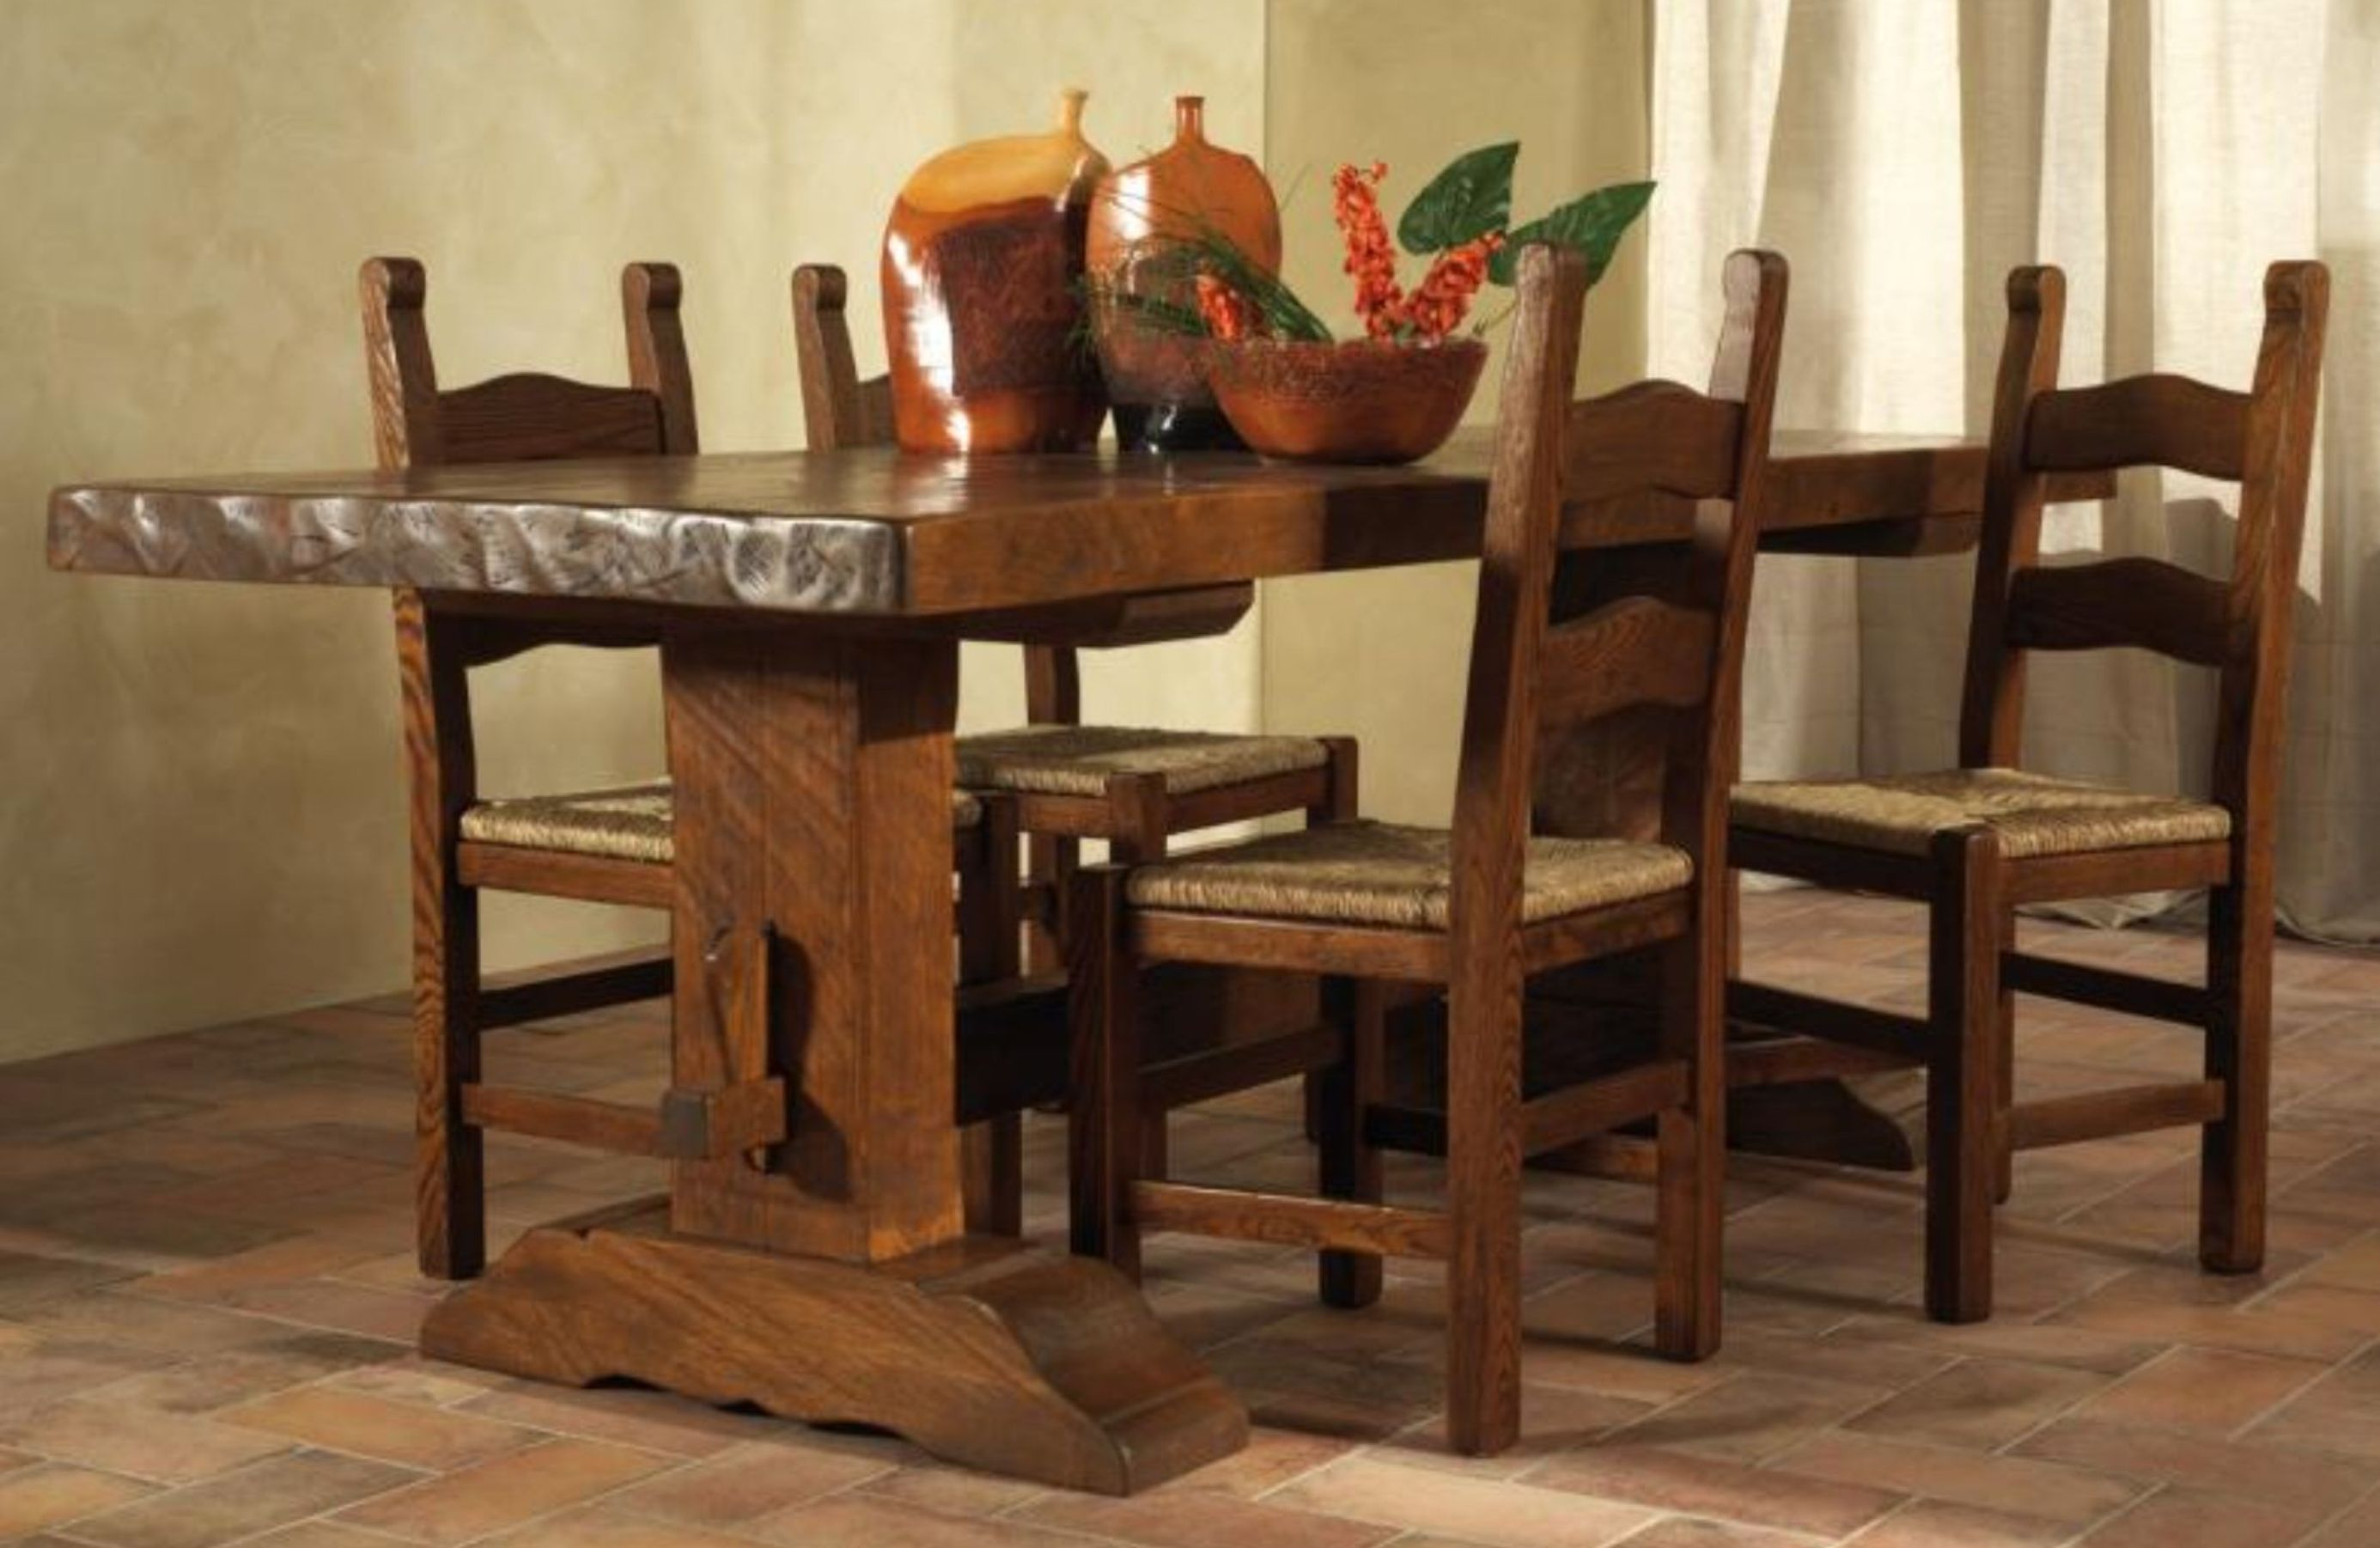 Soggiorno in legno massello - Sedie per tavolo fratino ...